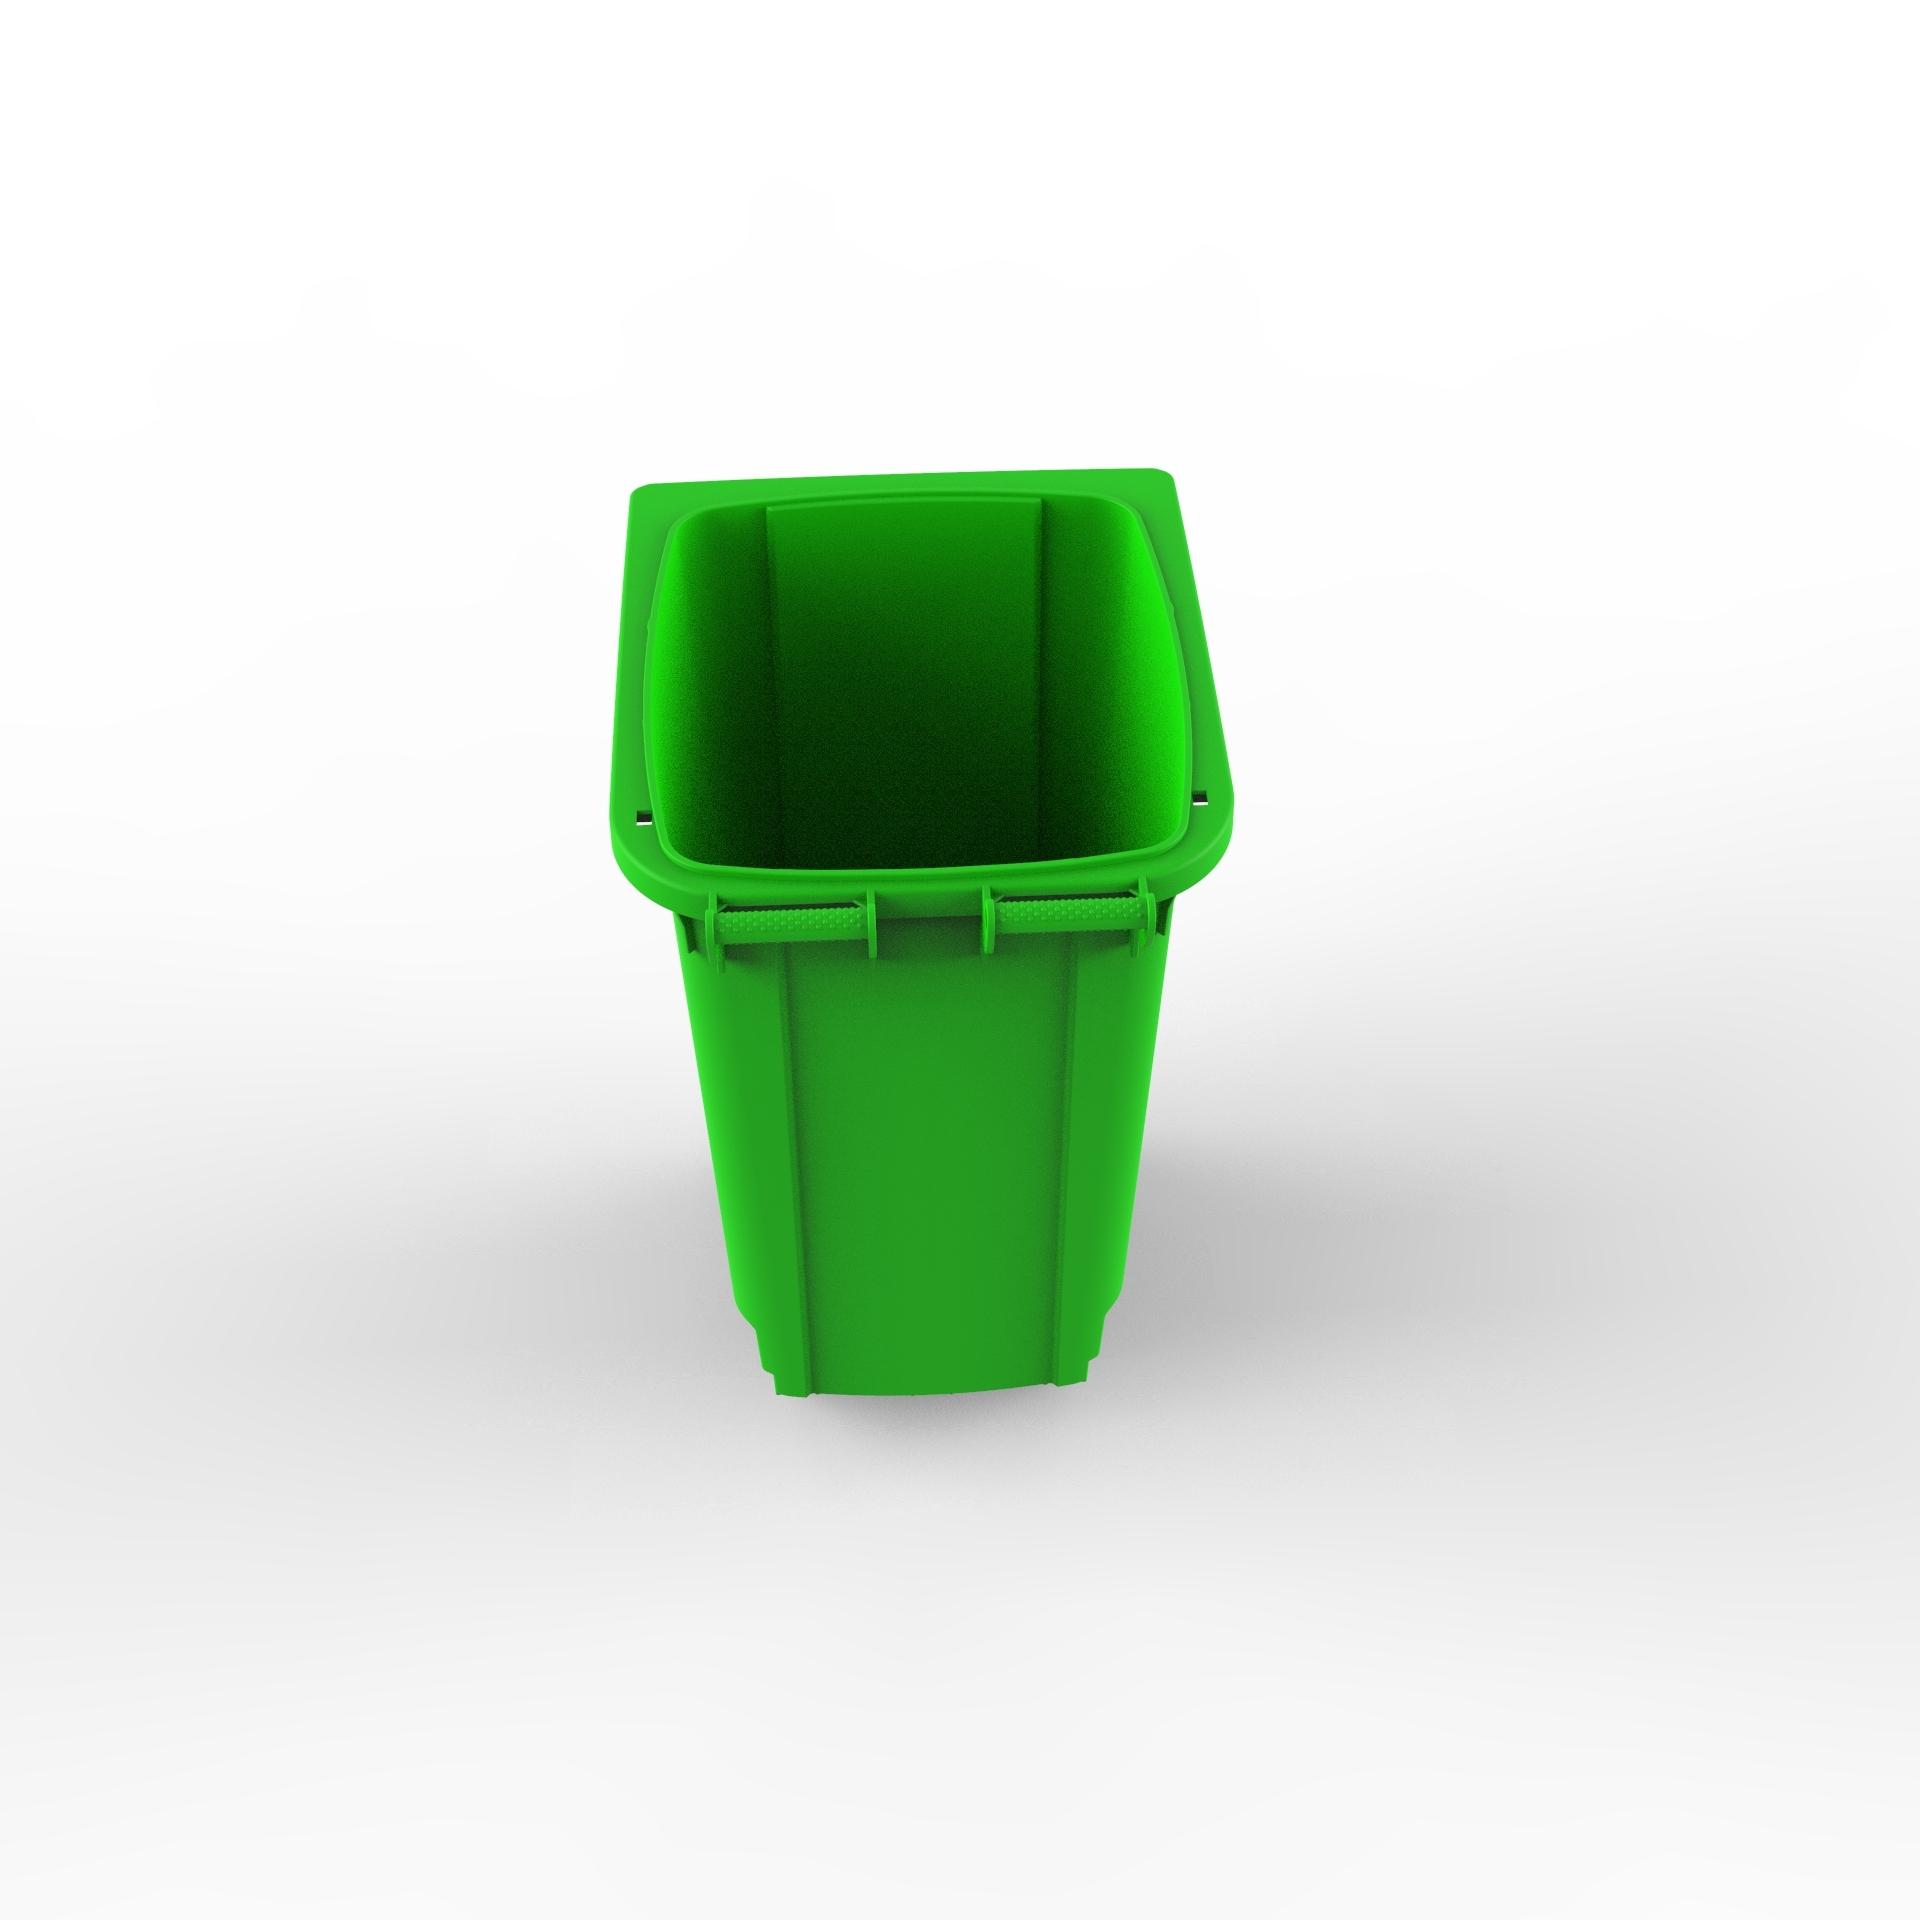 Plastic Square Dustbin Mould